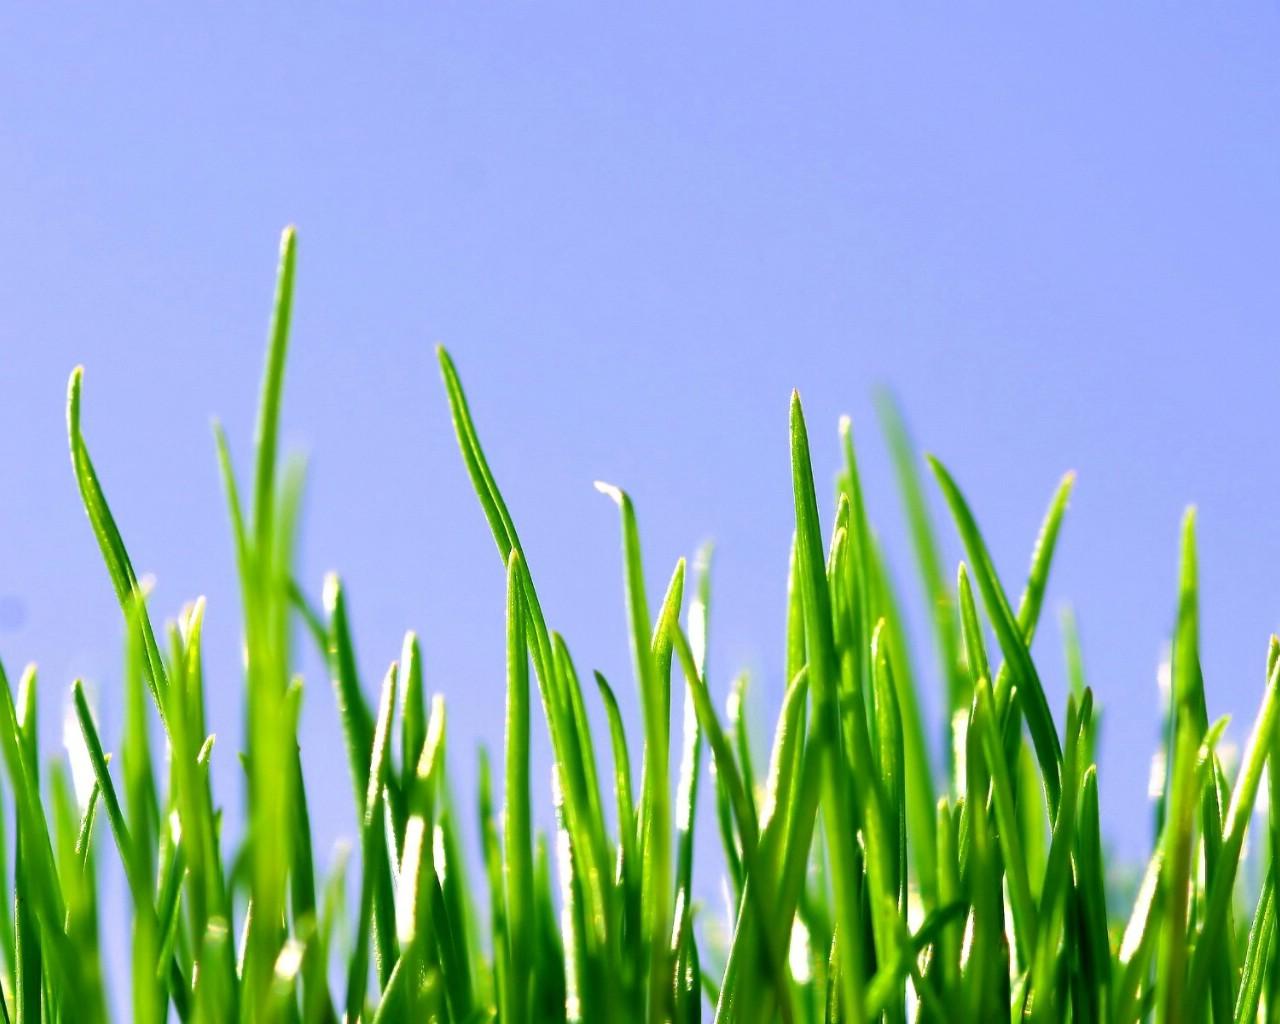 壁纸1280 215 1024清新绿色植物壁纸壁纸 清新绿色植物壁纸壁纸图片 植物壁纸 植物图片素材 桌面壁纸